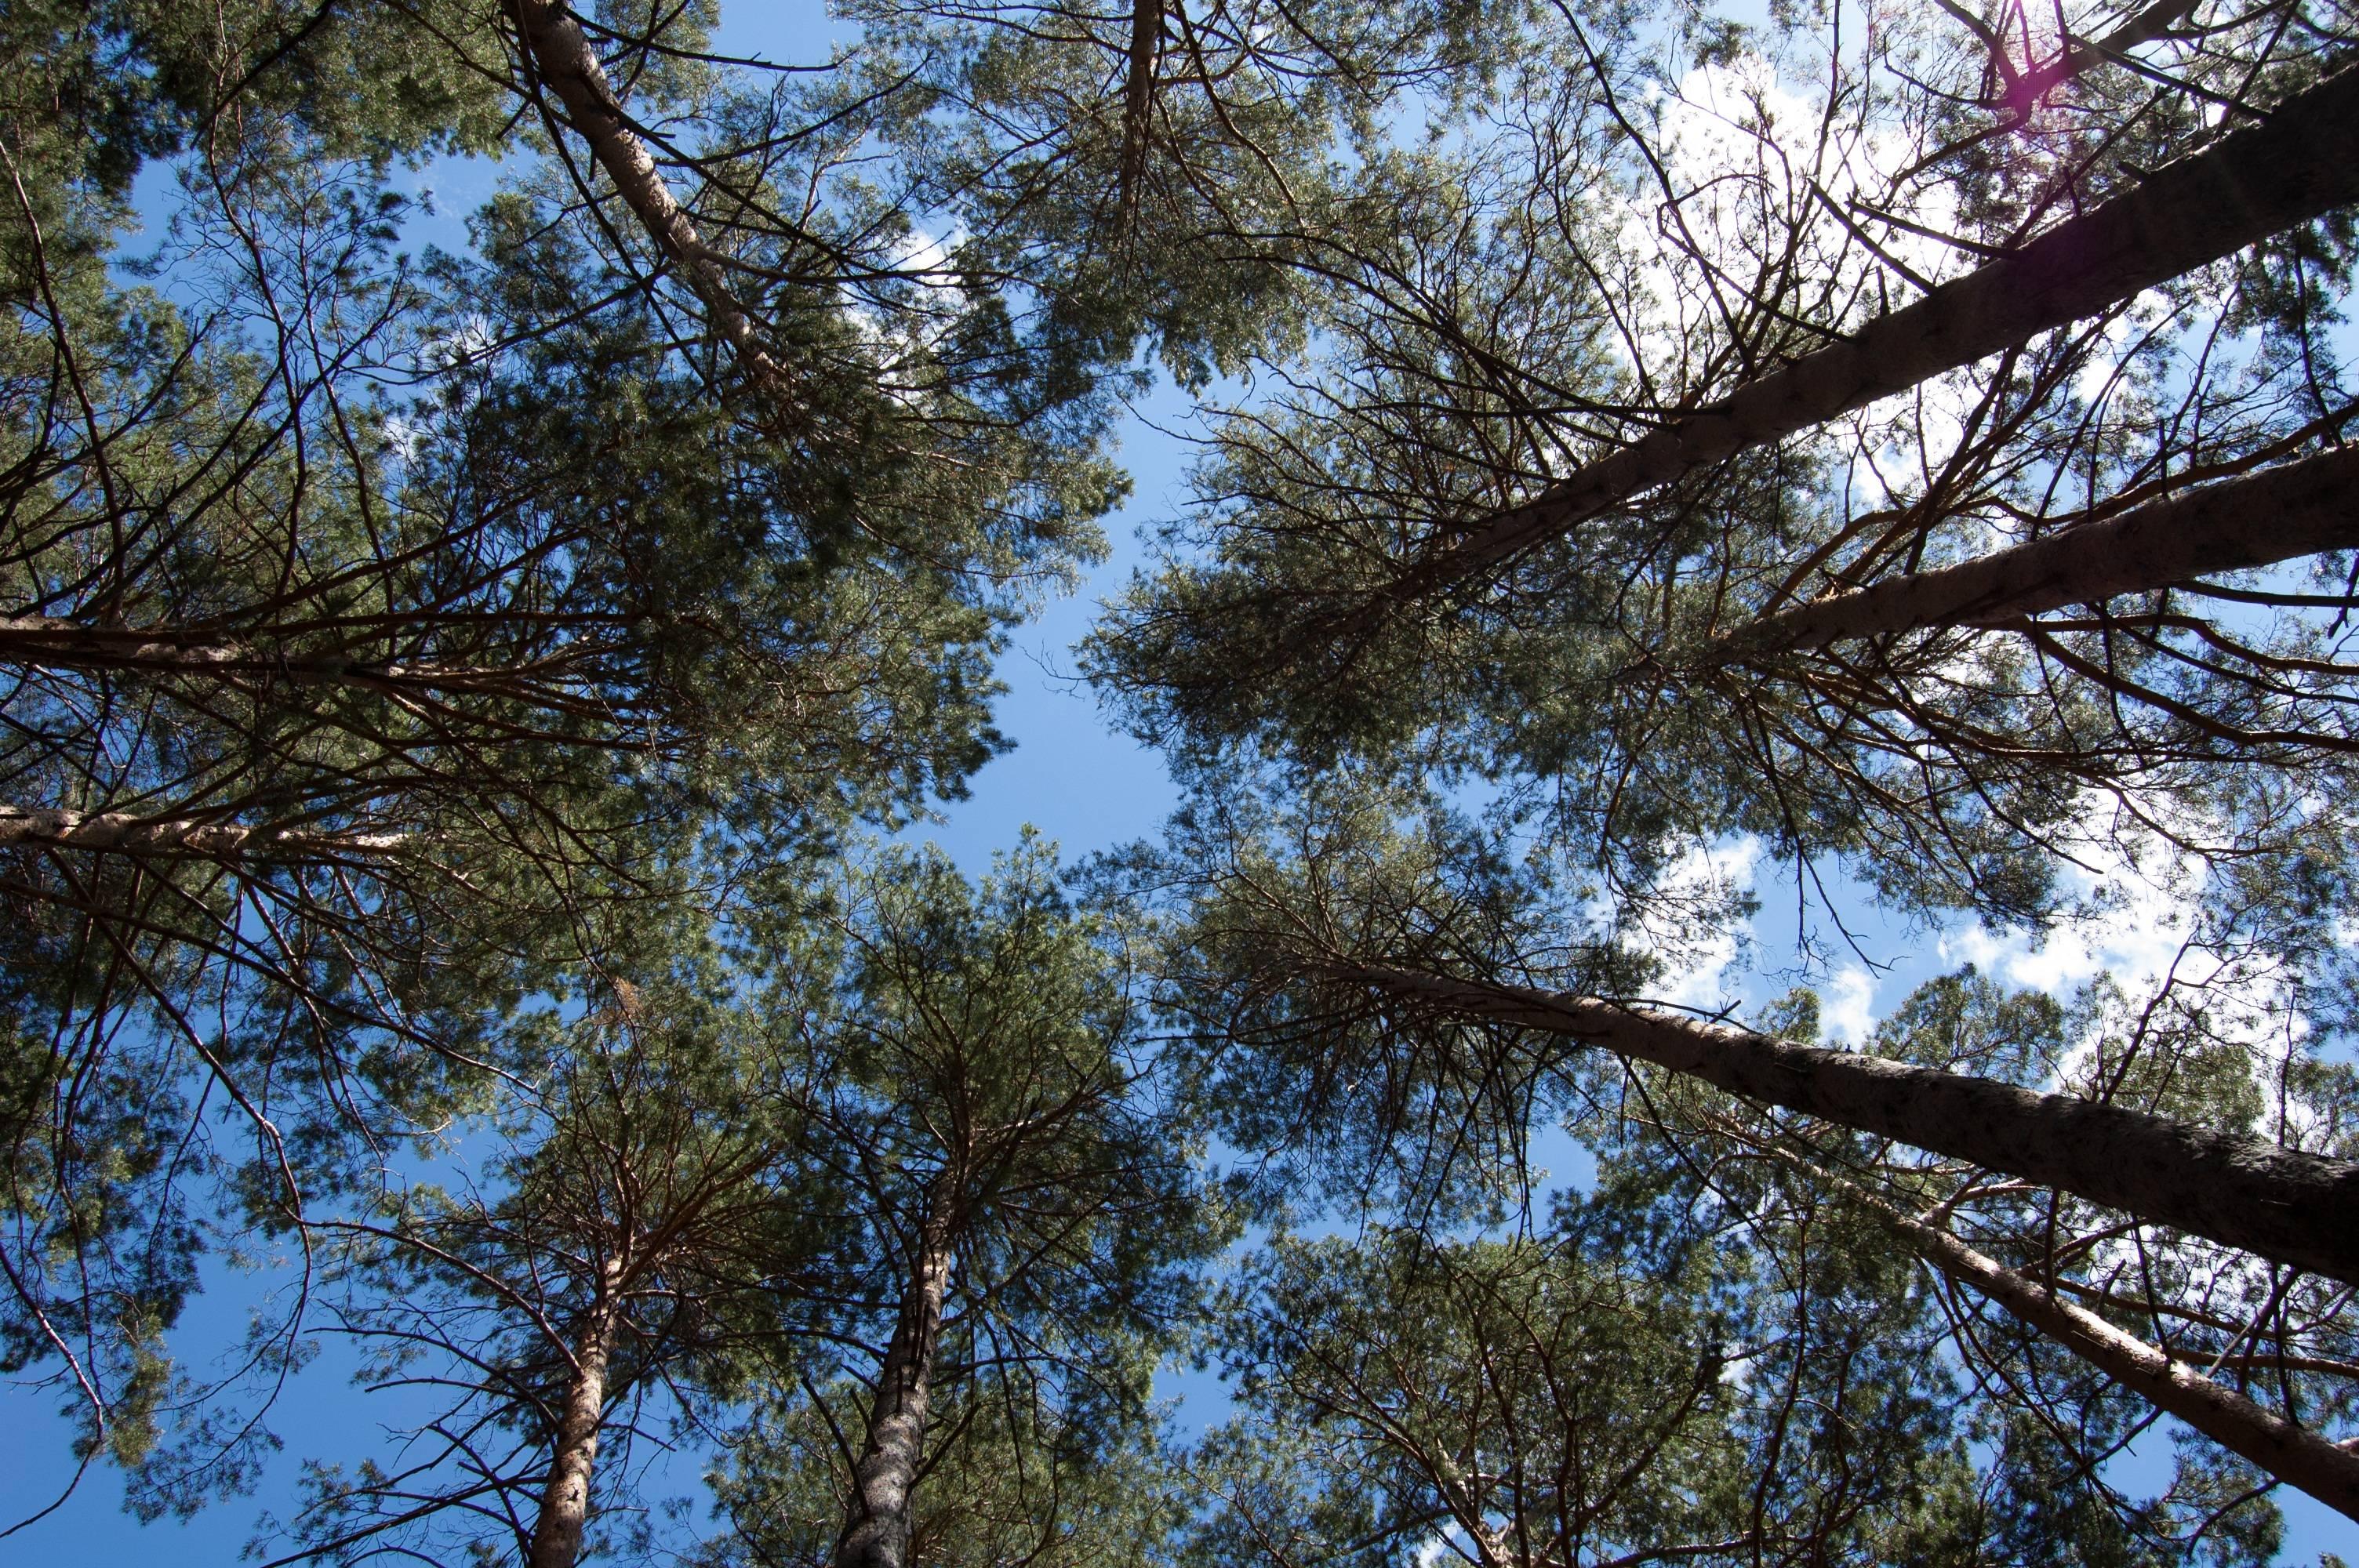 La superficie totale de la forêt Suédoise